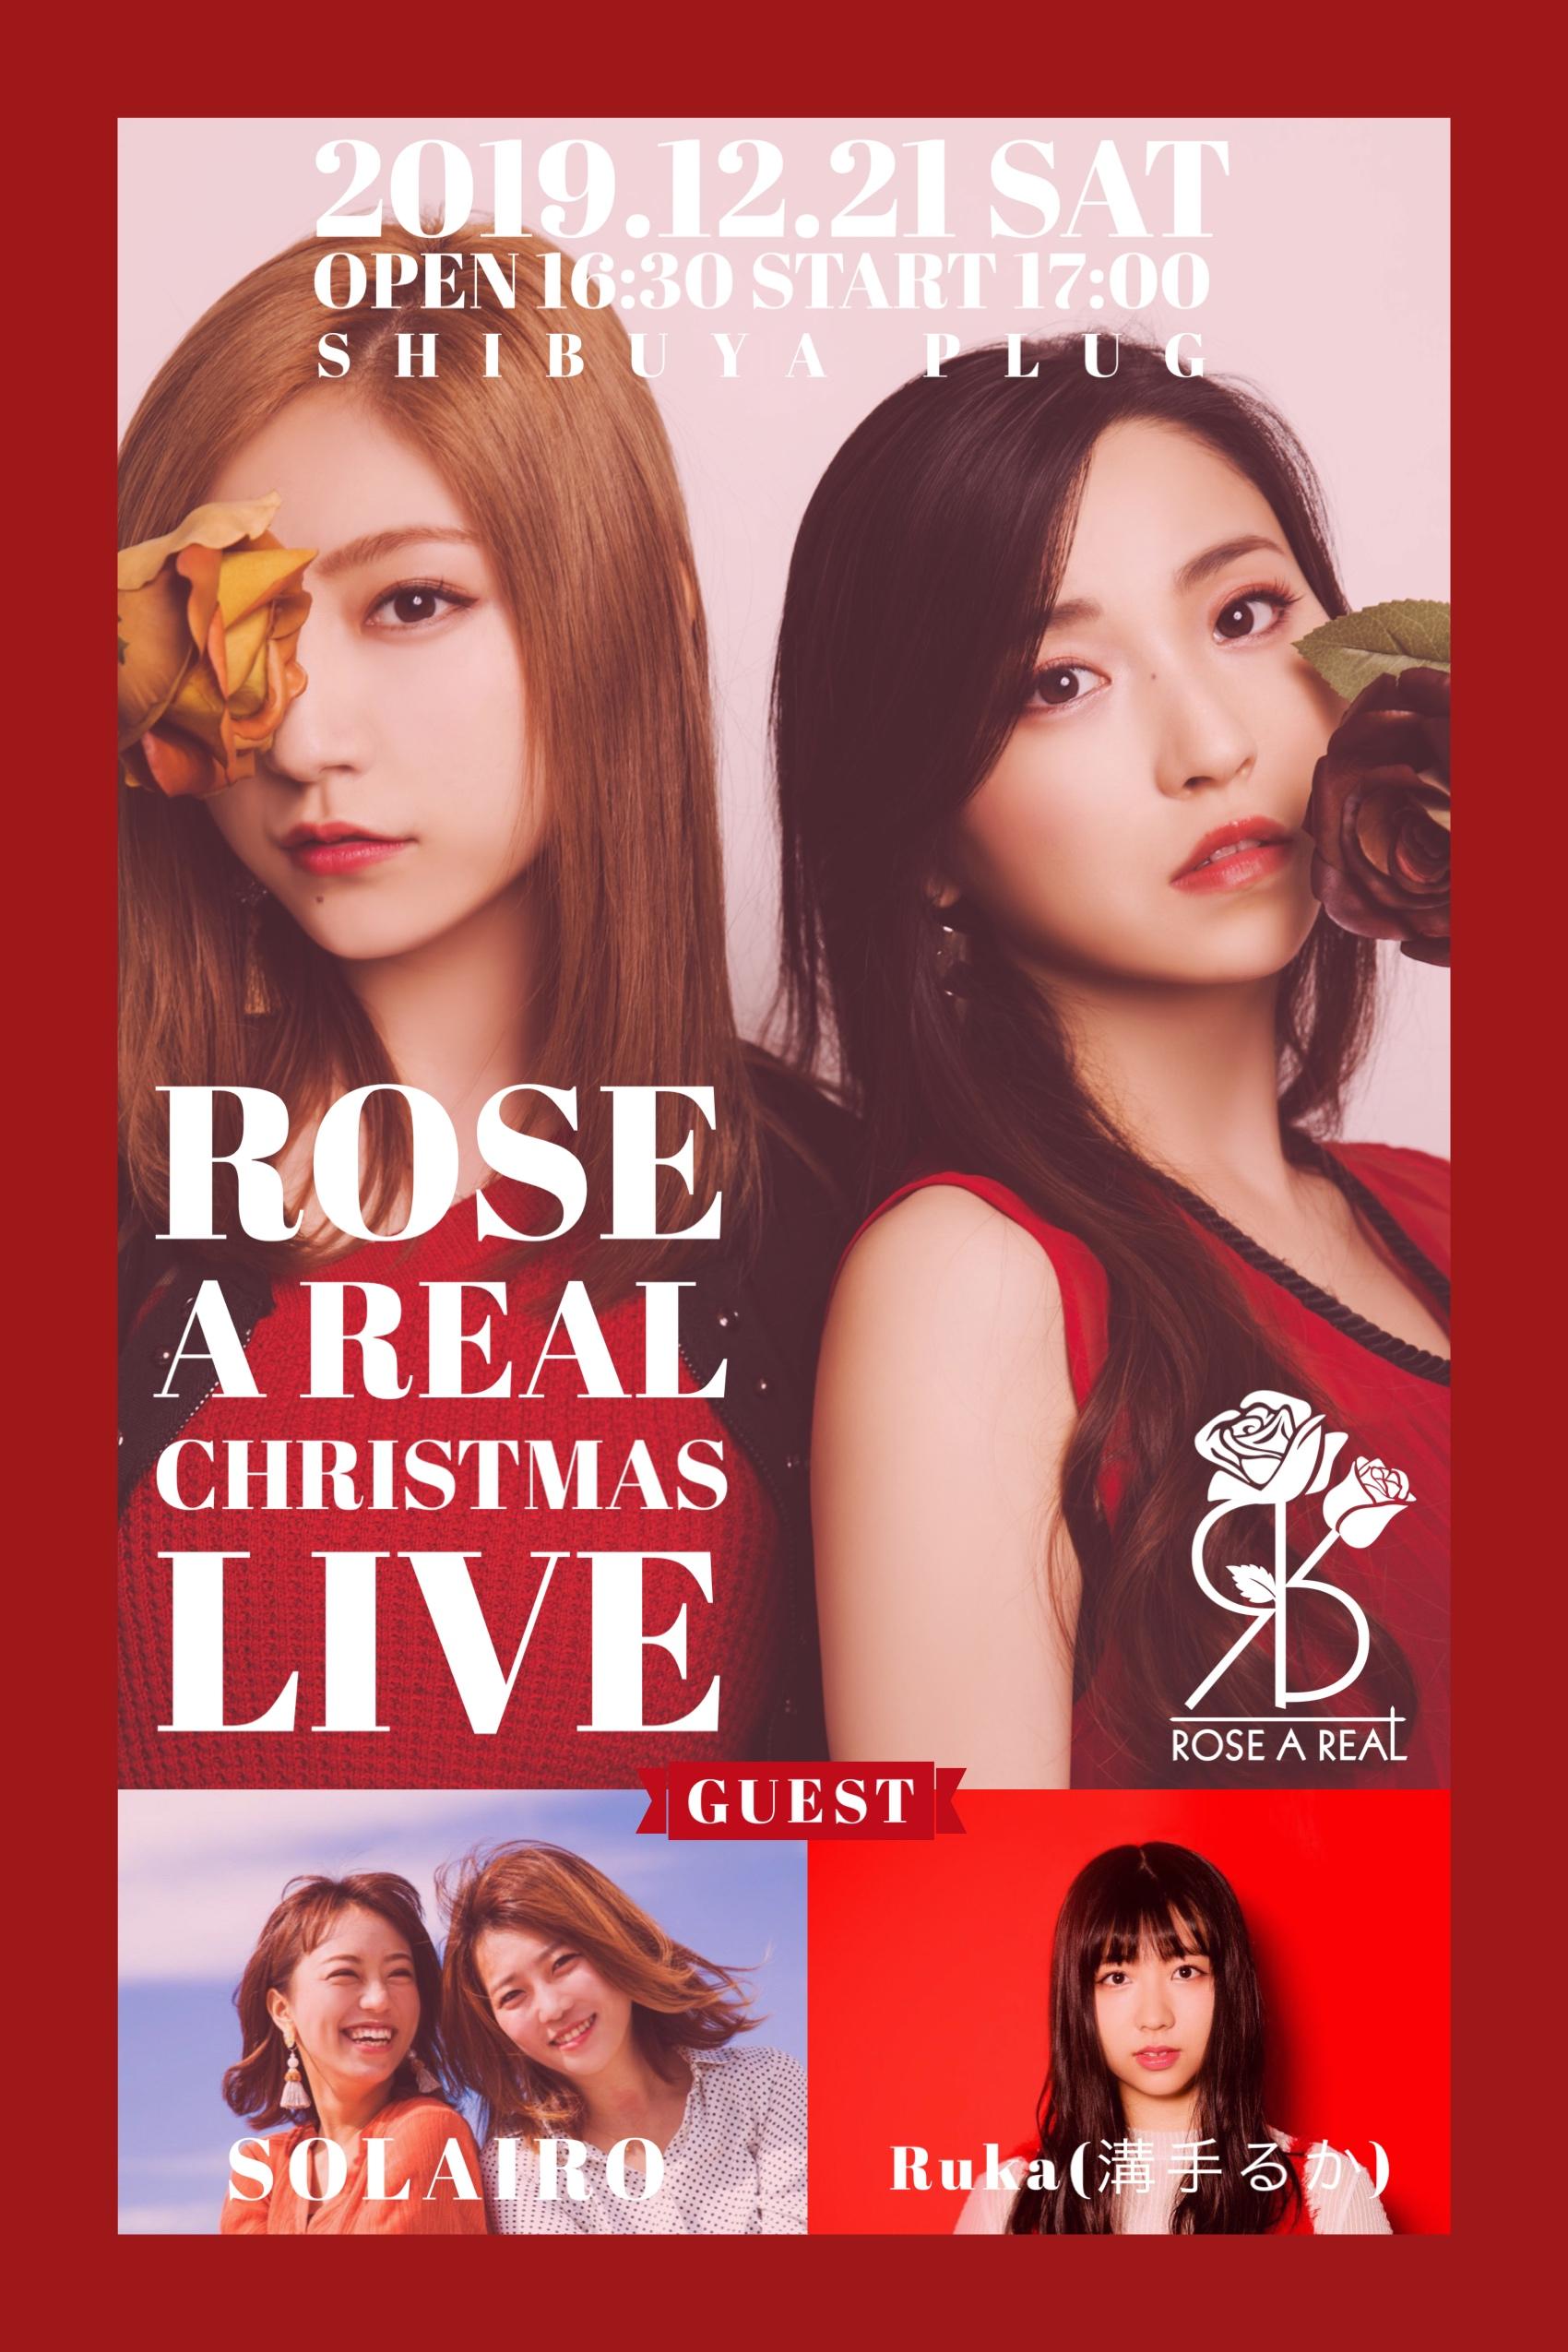 リリース記念 主催ライブ:ROSE A REAL CHRISTMAS LIVE